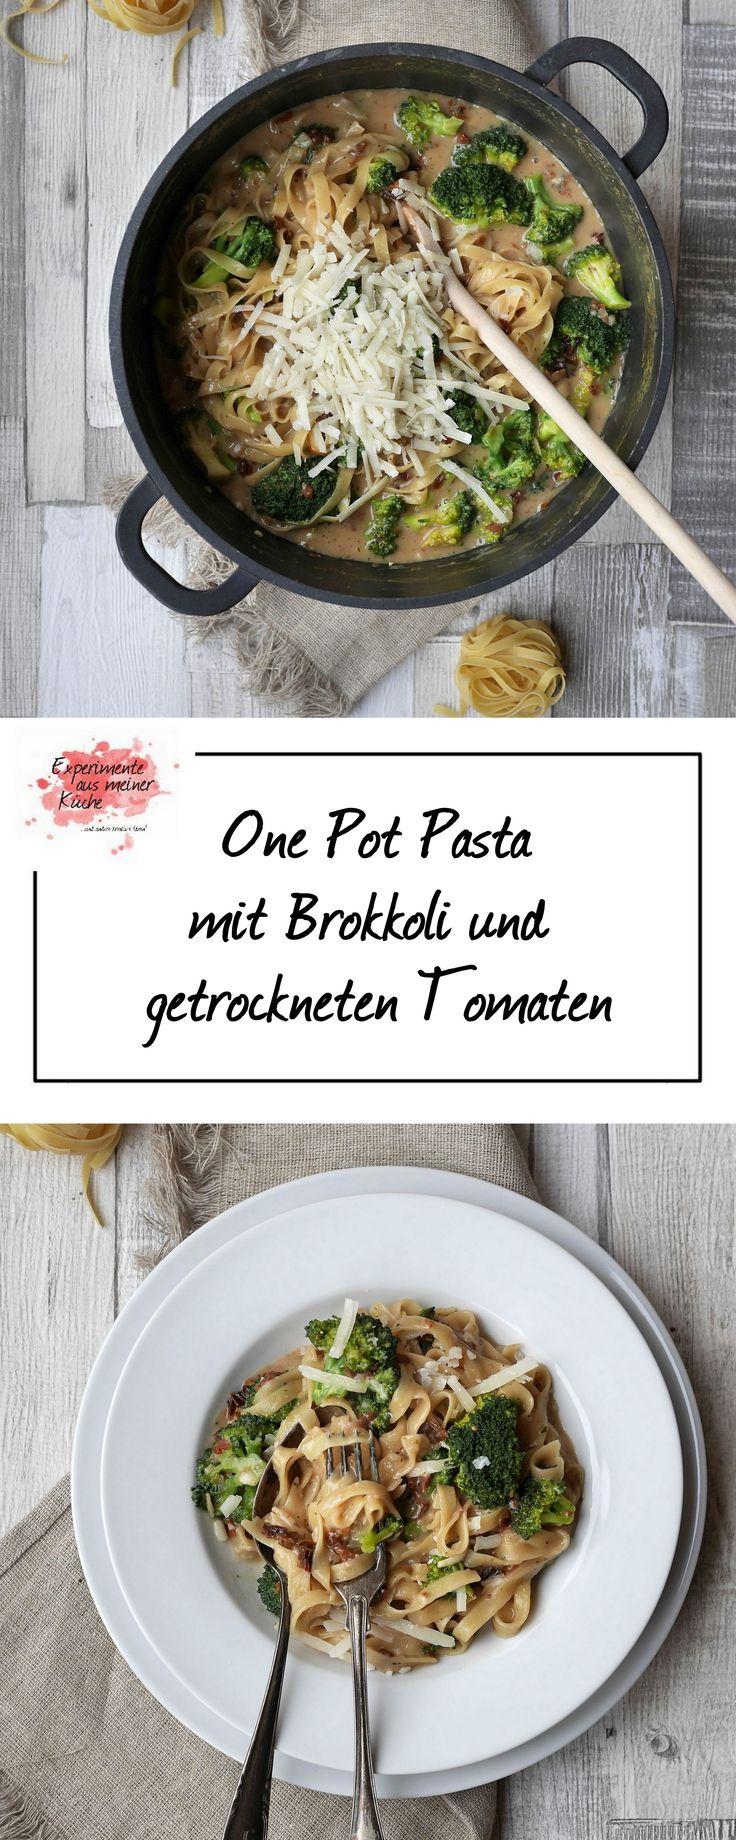 One Pot Pasta mit Brokkoli und getrockneten Tomaten | Kochen | Rezept | Weight Watchers